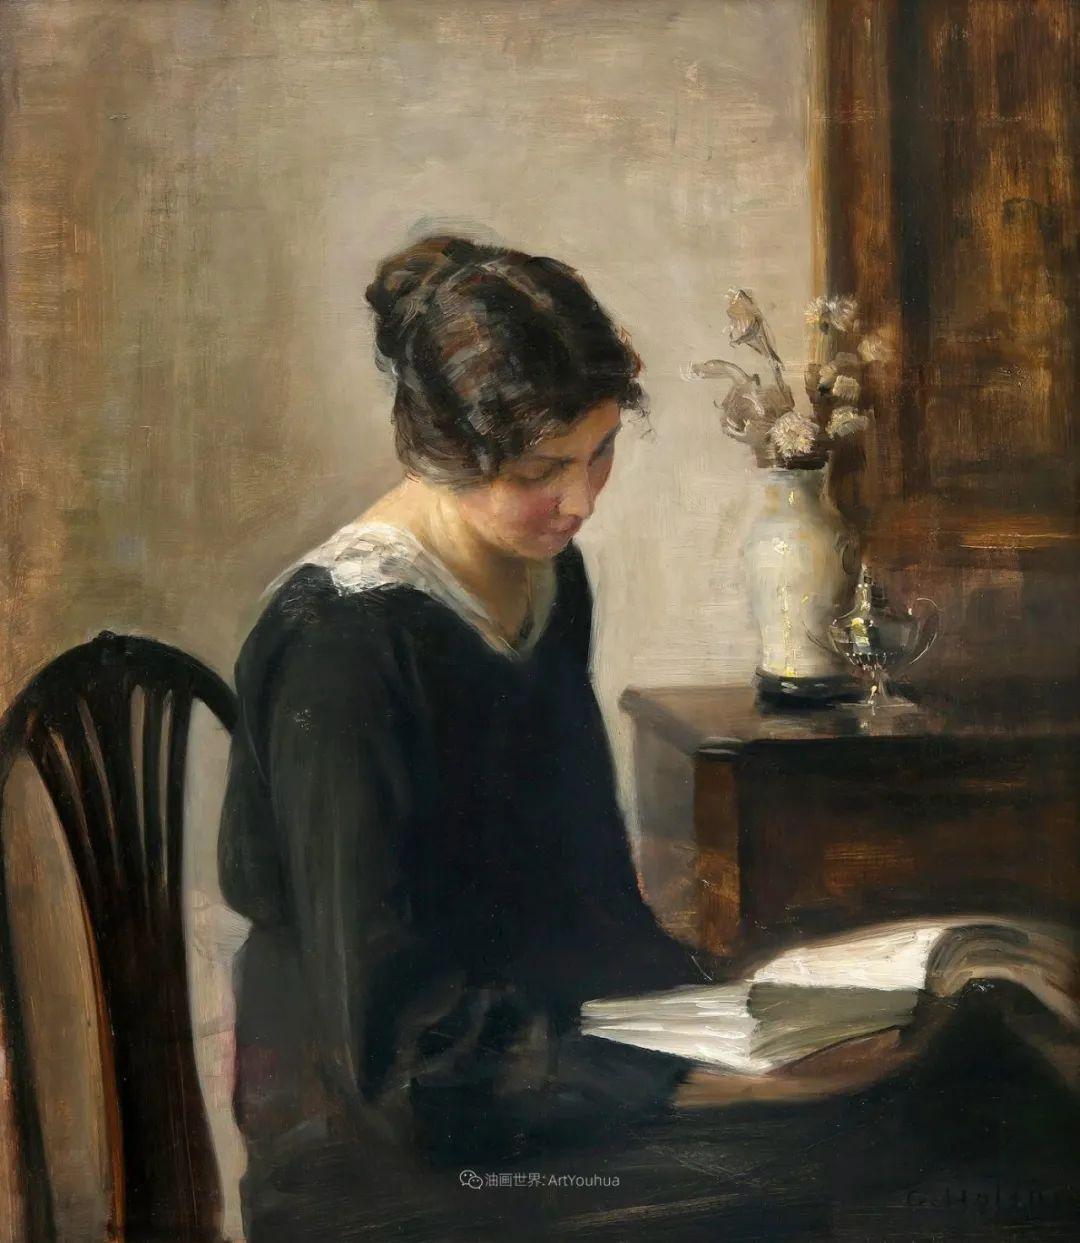 看书的女人最美丽,那一刻全世界都安静了!插图25